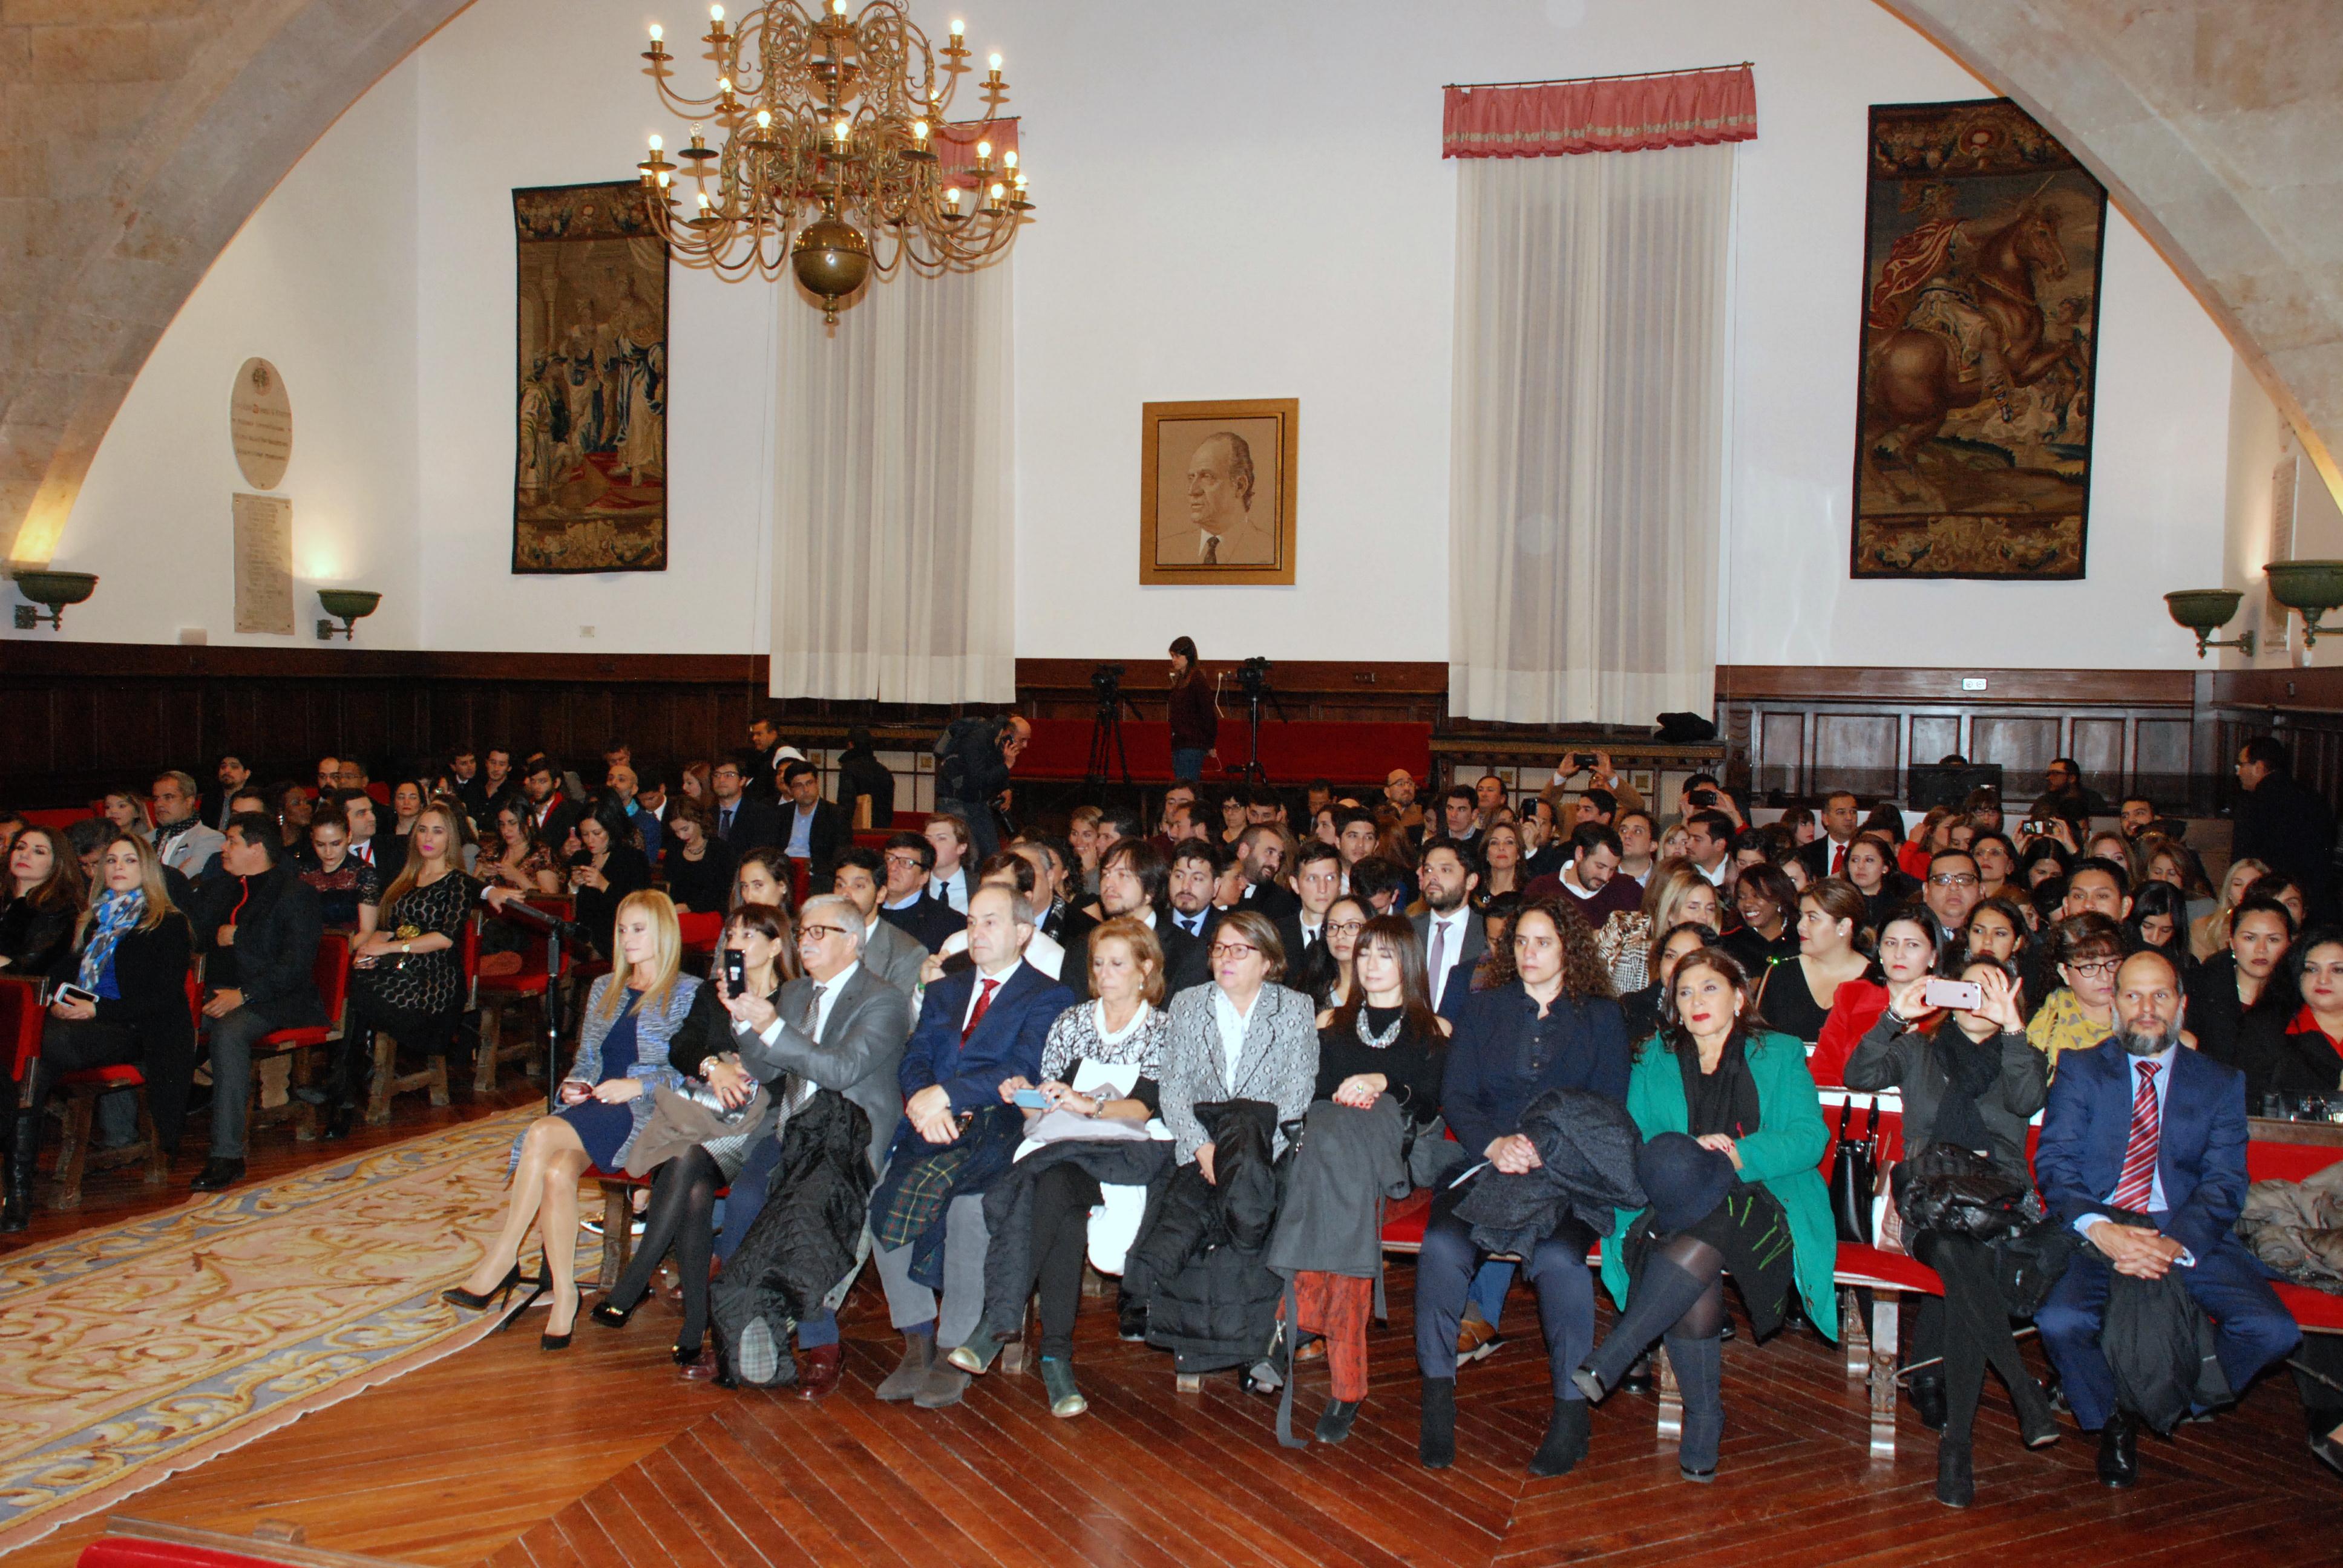 La vicerrectora de Internacionalización clausura la 40ª edición de los Cursos de Especialización en Derecho de la Universidad de Salamanca